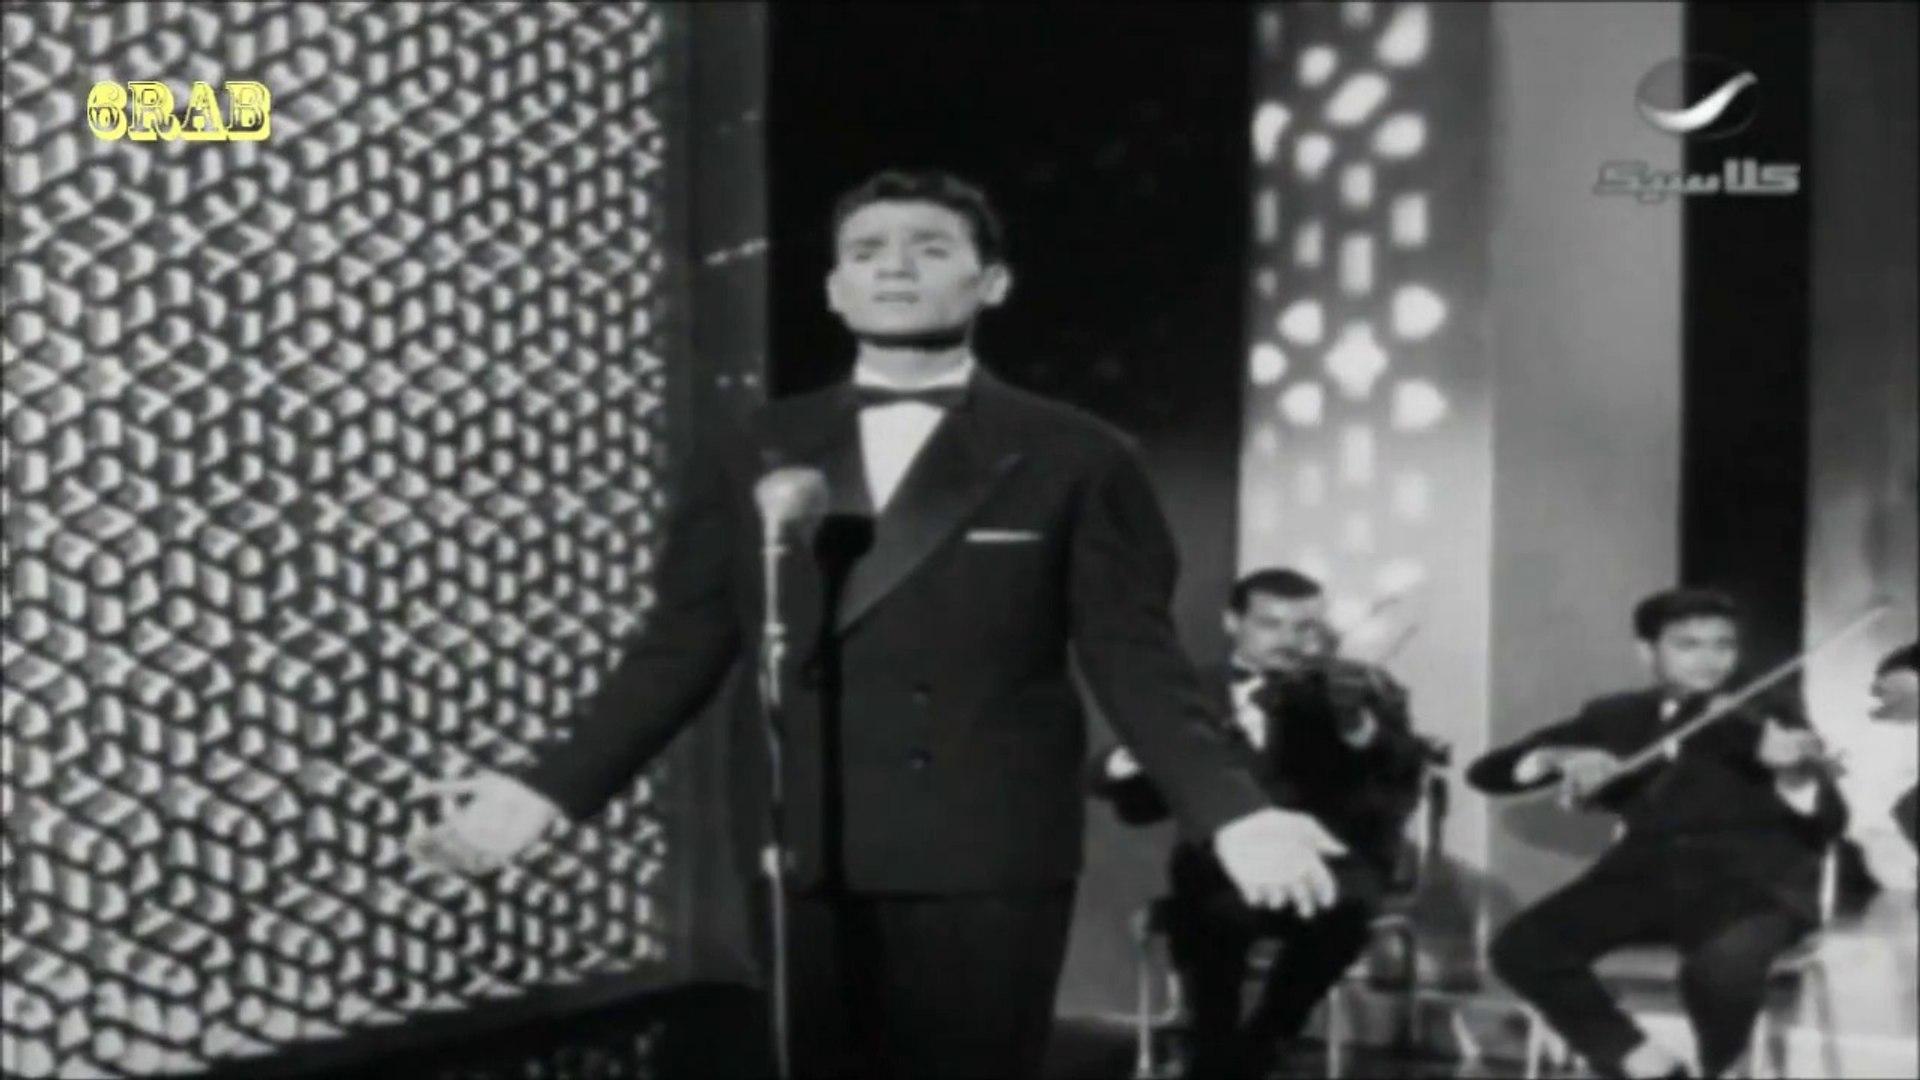 عبدالحليم حافظ - نار يا حبيبي نار - فيلم حكاية حب عام 1959م